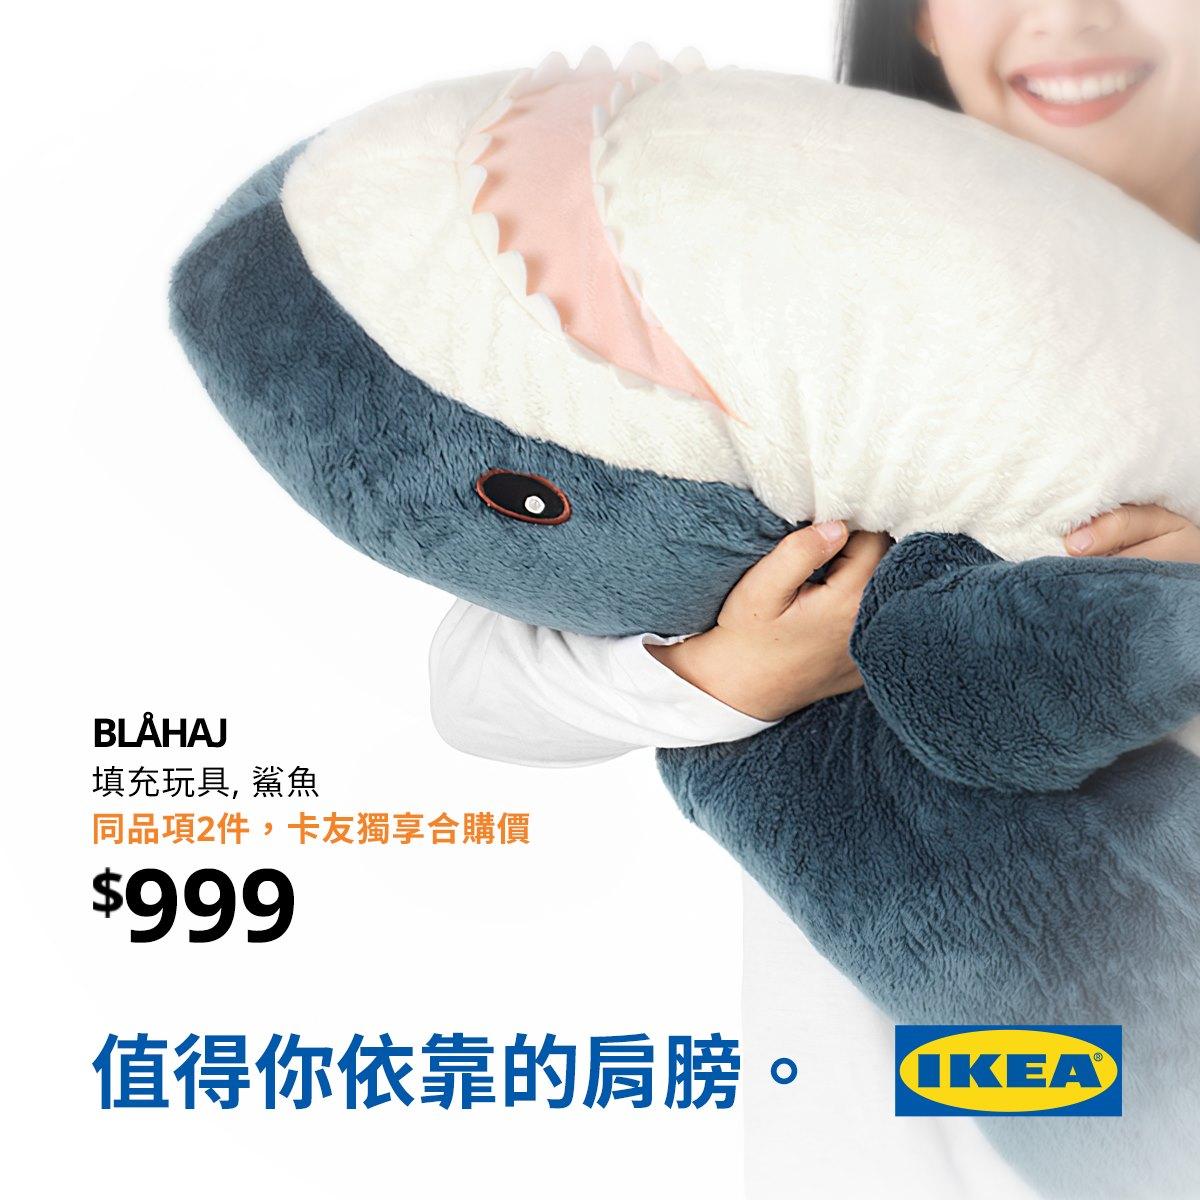 鯊魚抱枕是IKEA的超人氣商品圖:IKEA臉書